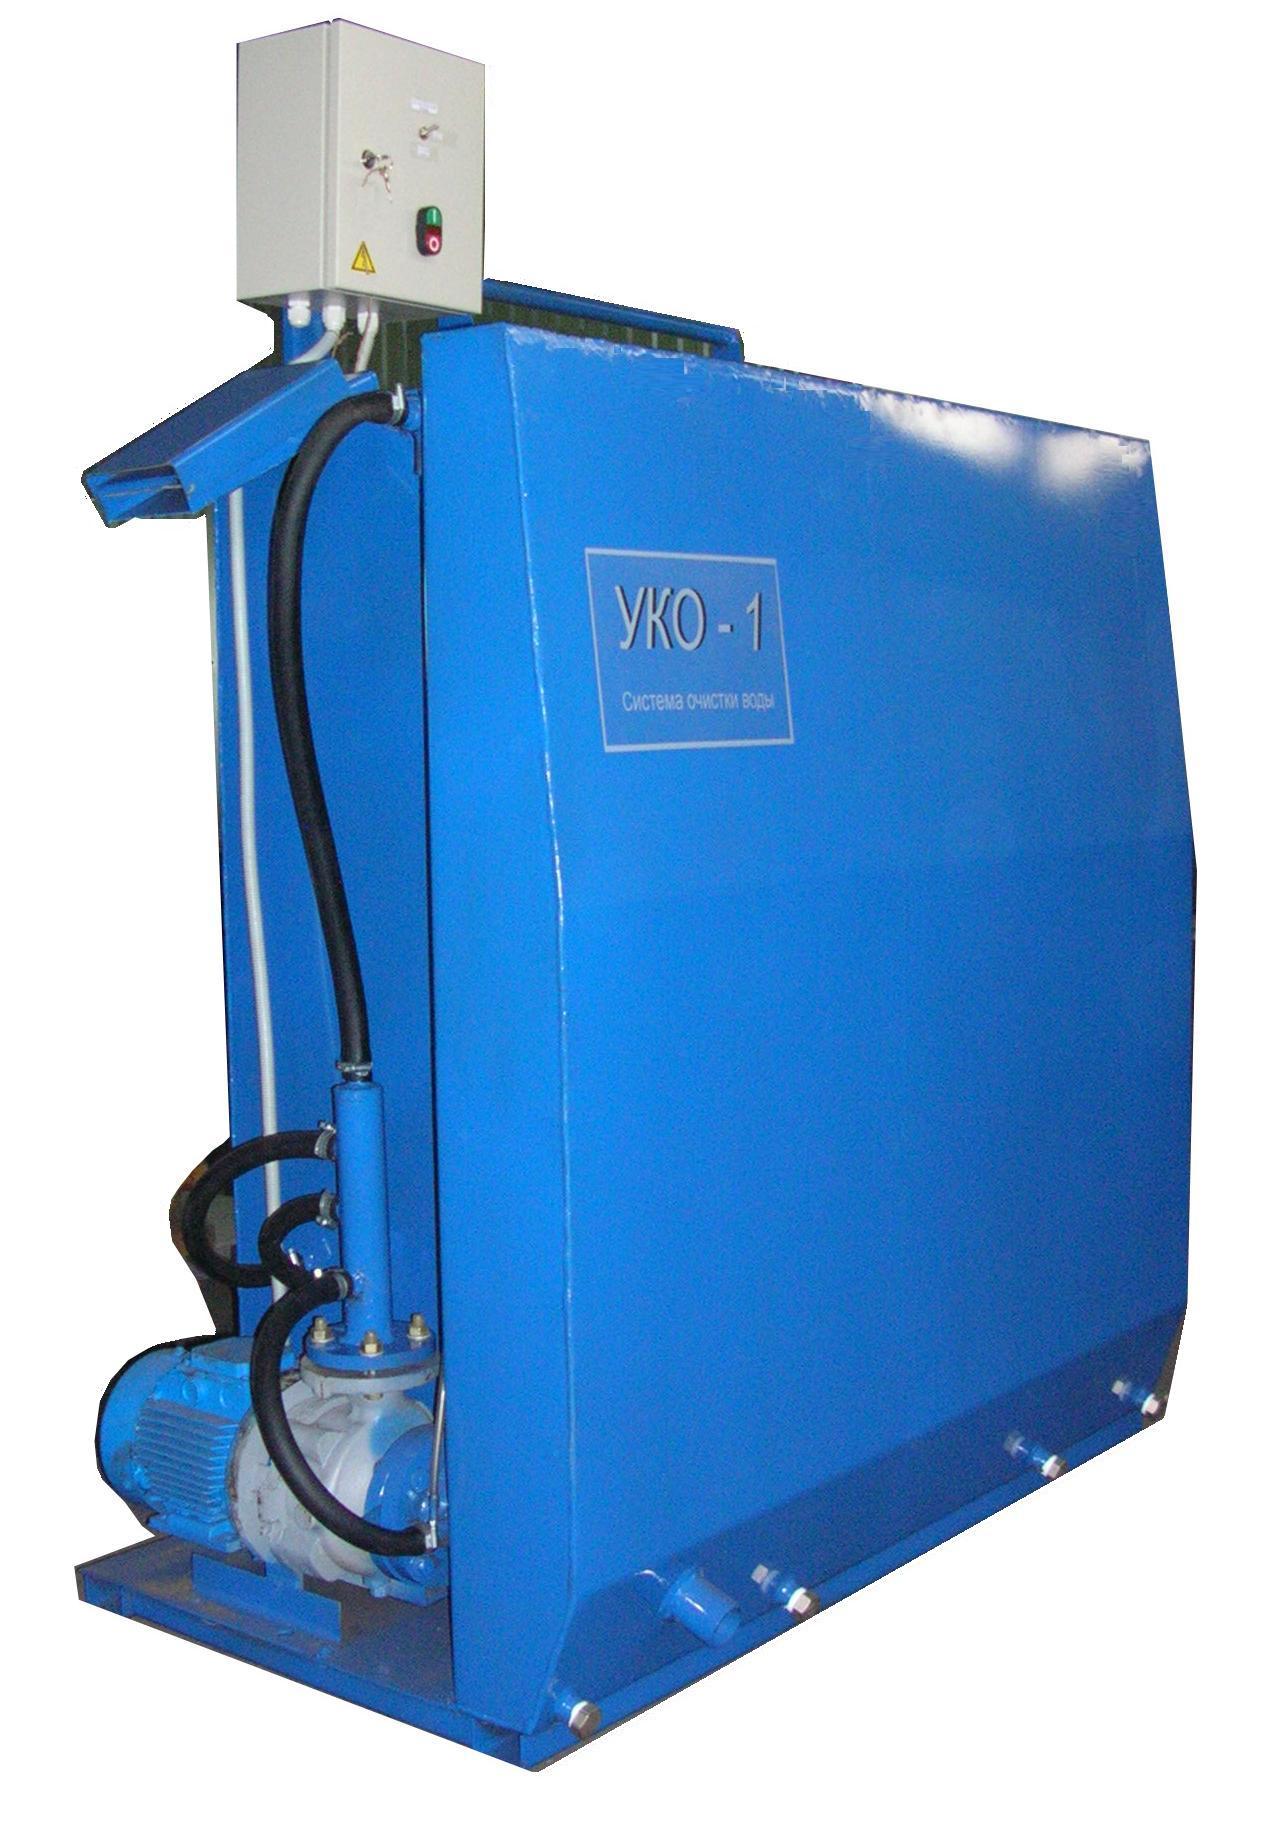 УКО-1М автомат Очистное сооружение для моек легковых автомобилей (2 поста)